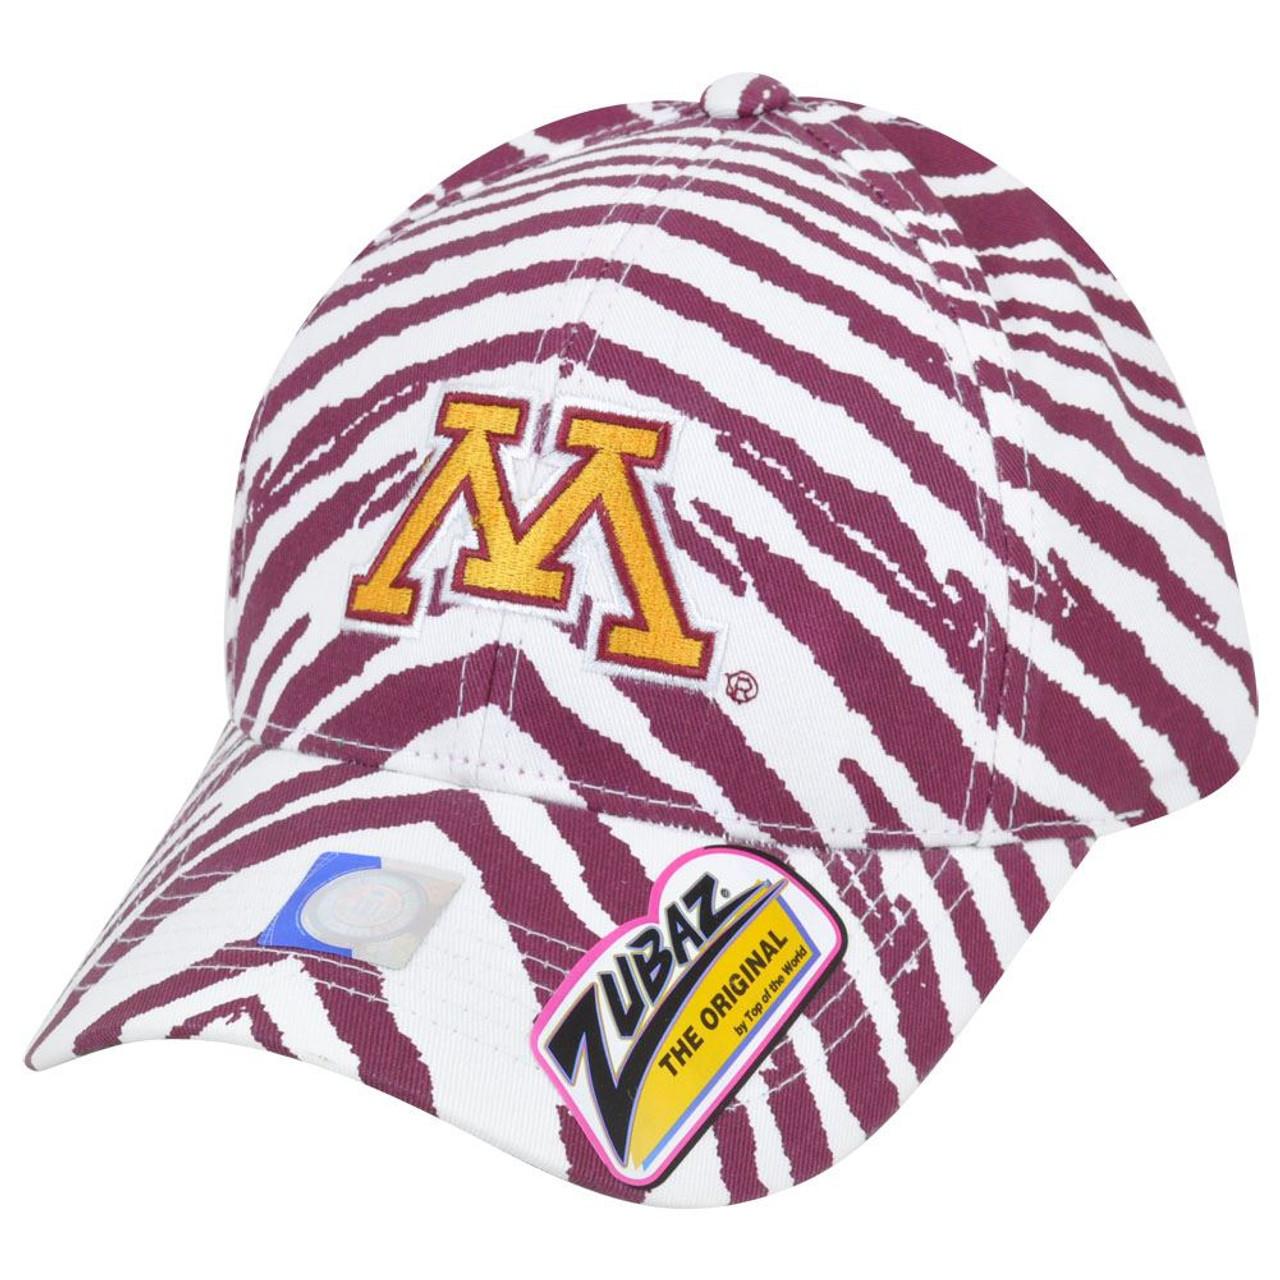 watch c8a7b a6ac3 NCAA Minnesota Golden Gophers Top of the World Smash Zubaz Snapback Hat Cap  - Cap Store Online.com